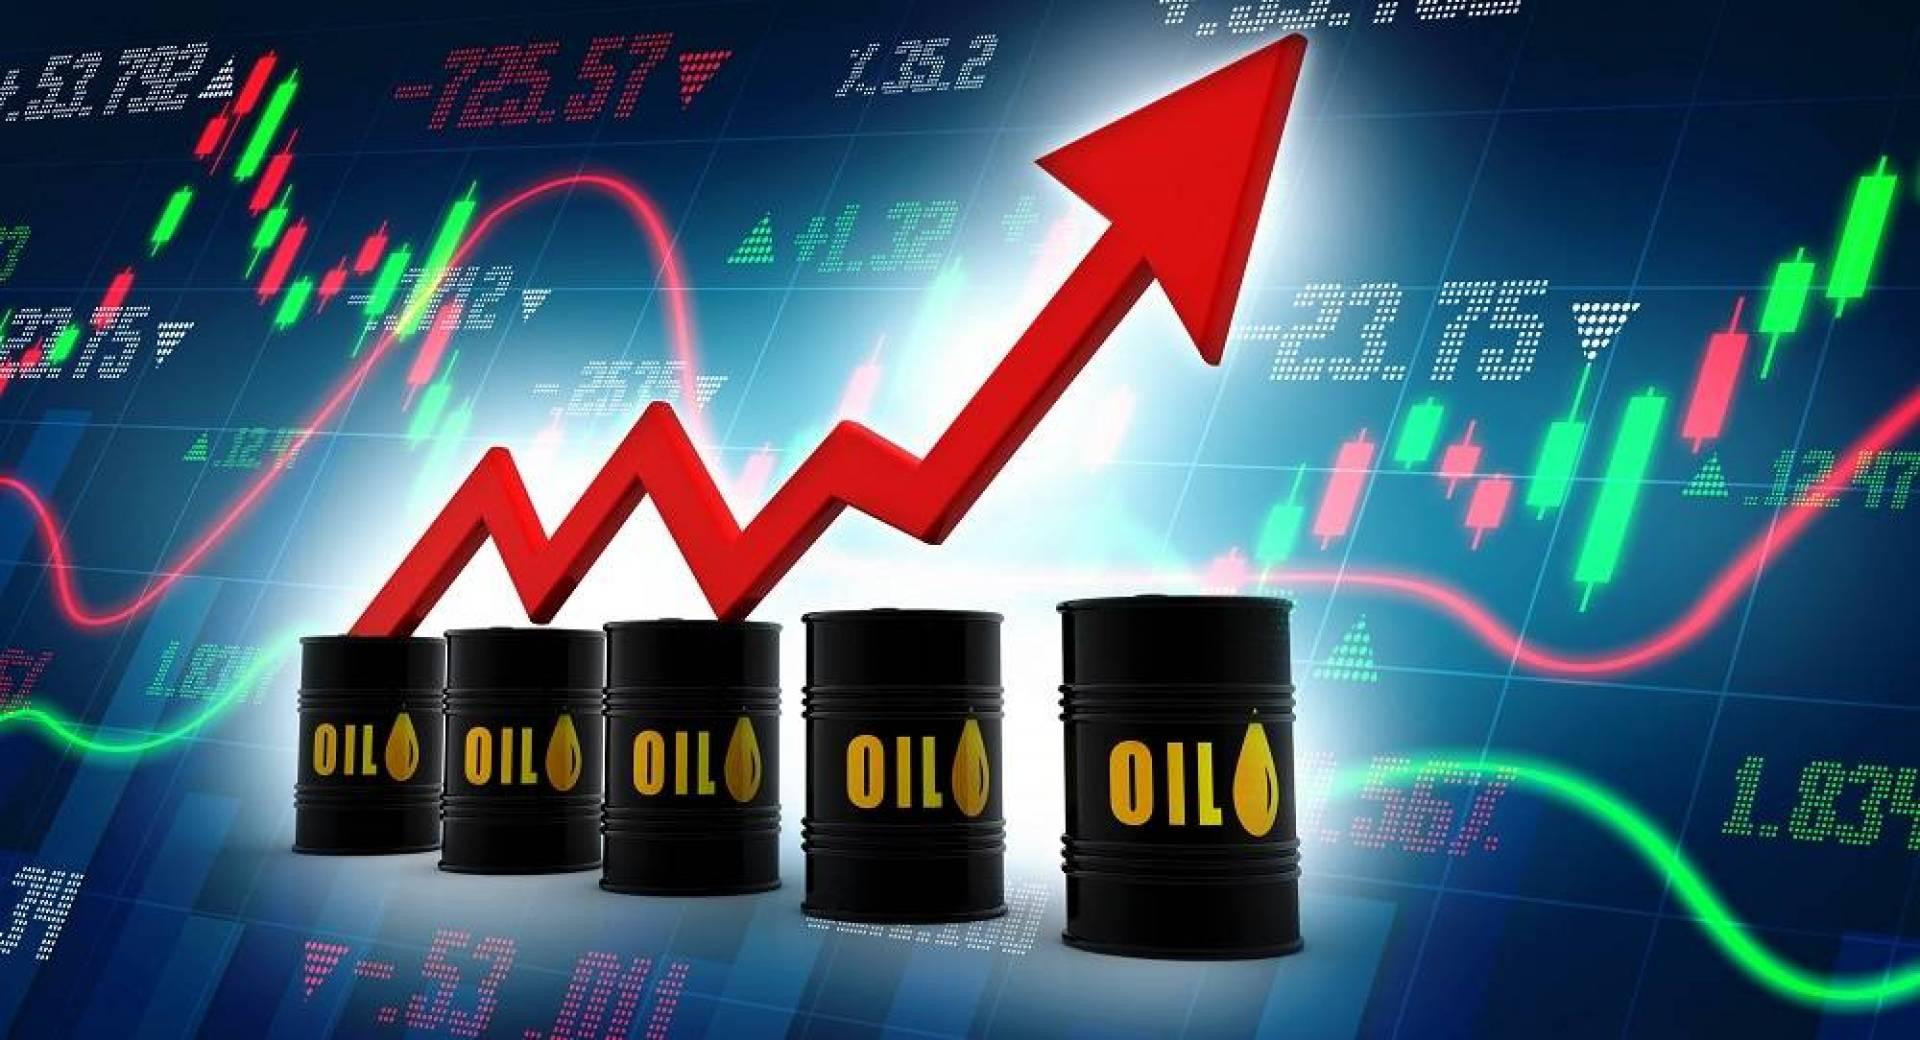 صورة الكويت ترفع سعر بيع النفط الخام